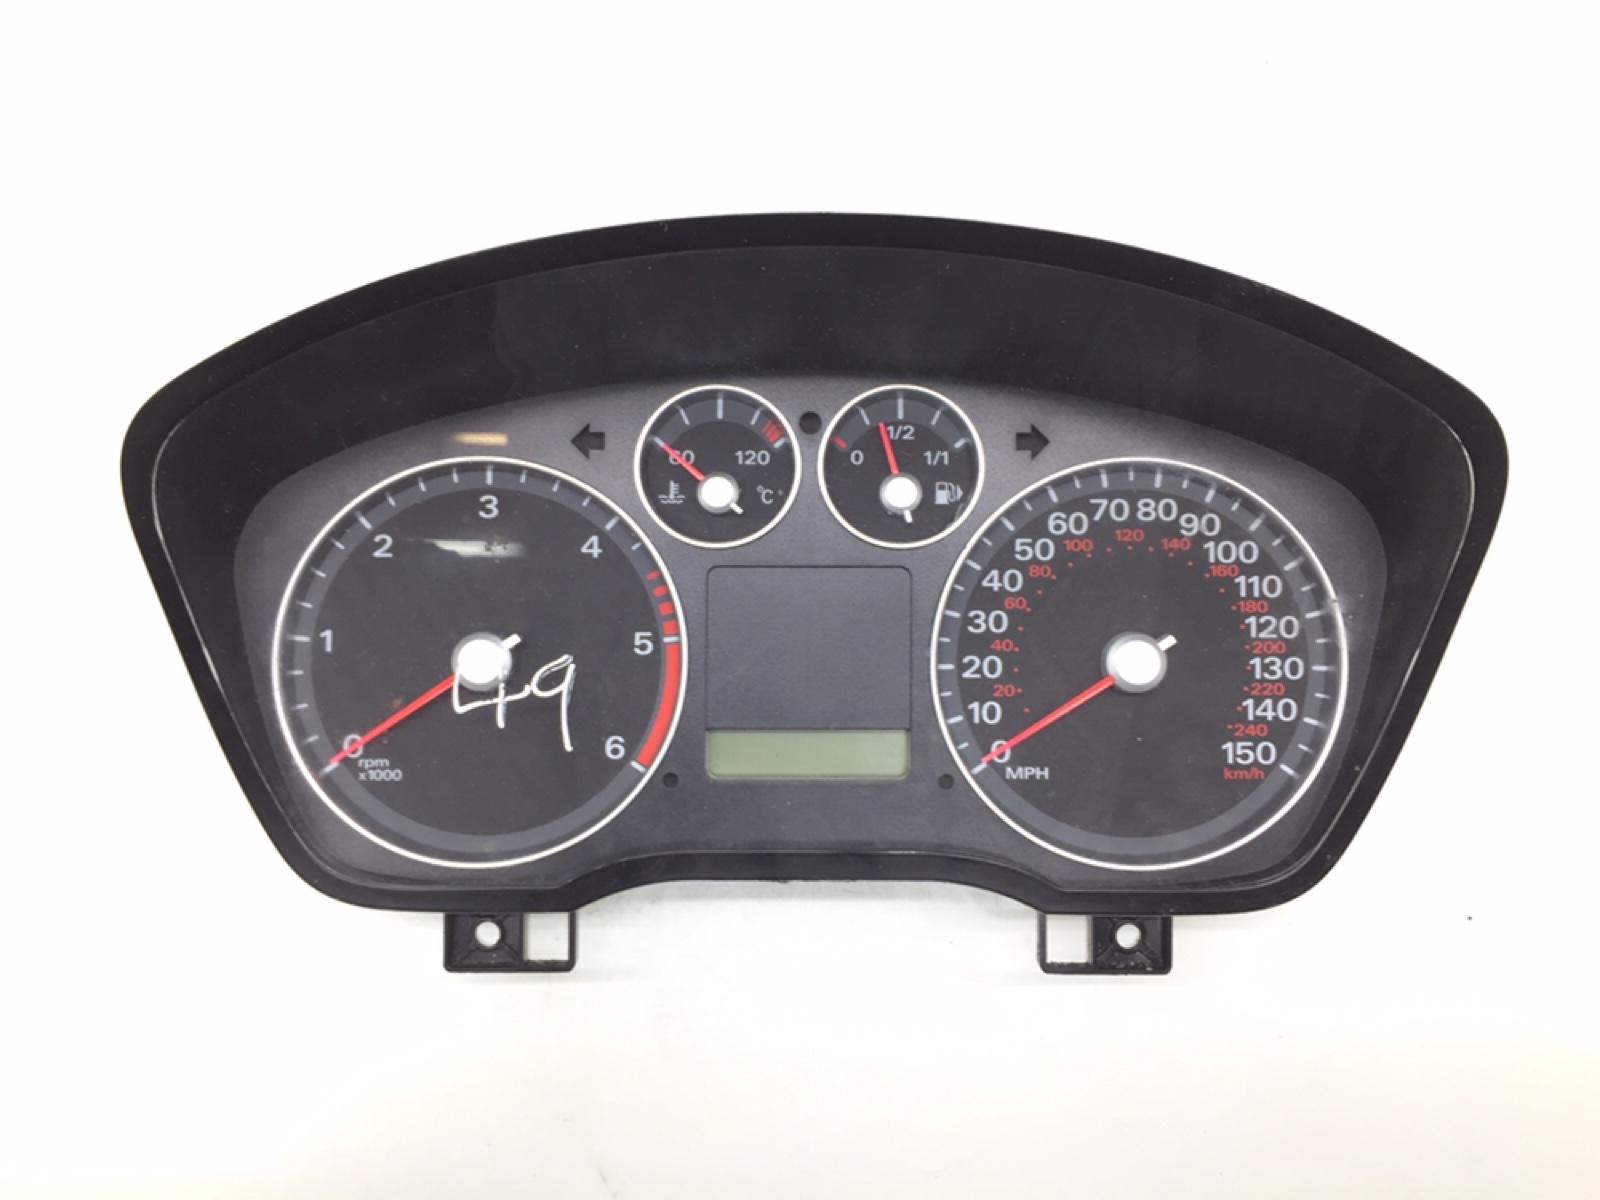 Щиток приборов (приборная панель) Ford Focus 1.8 TDCI 2005 (б/у)